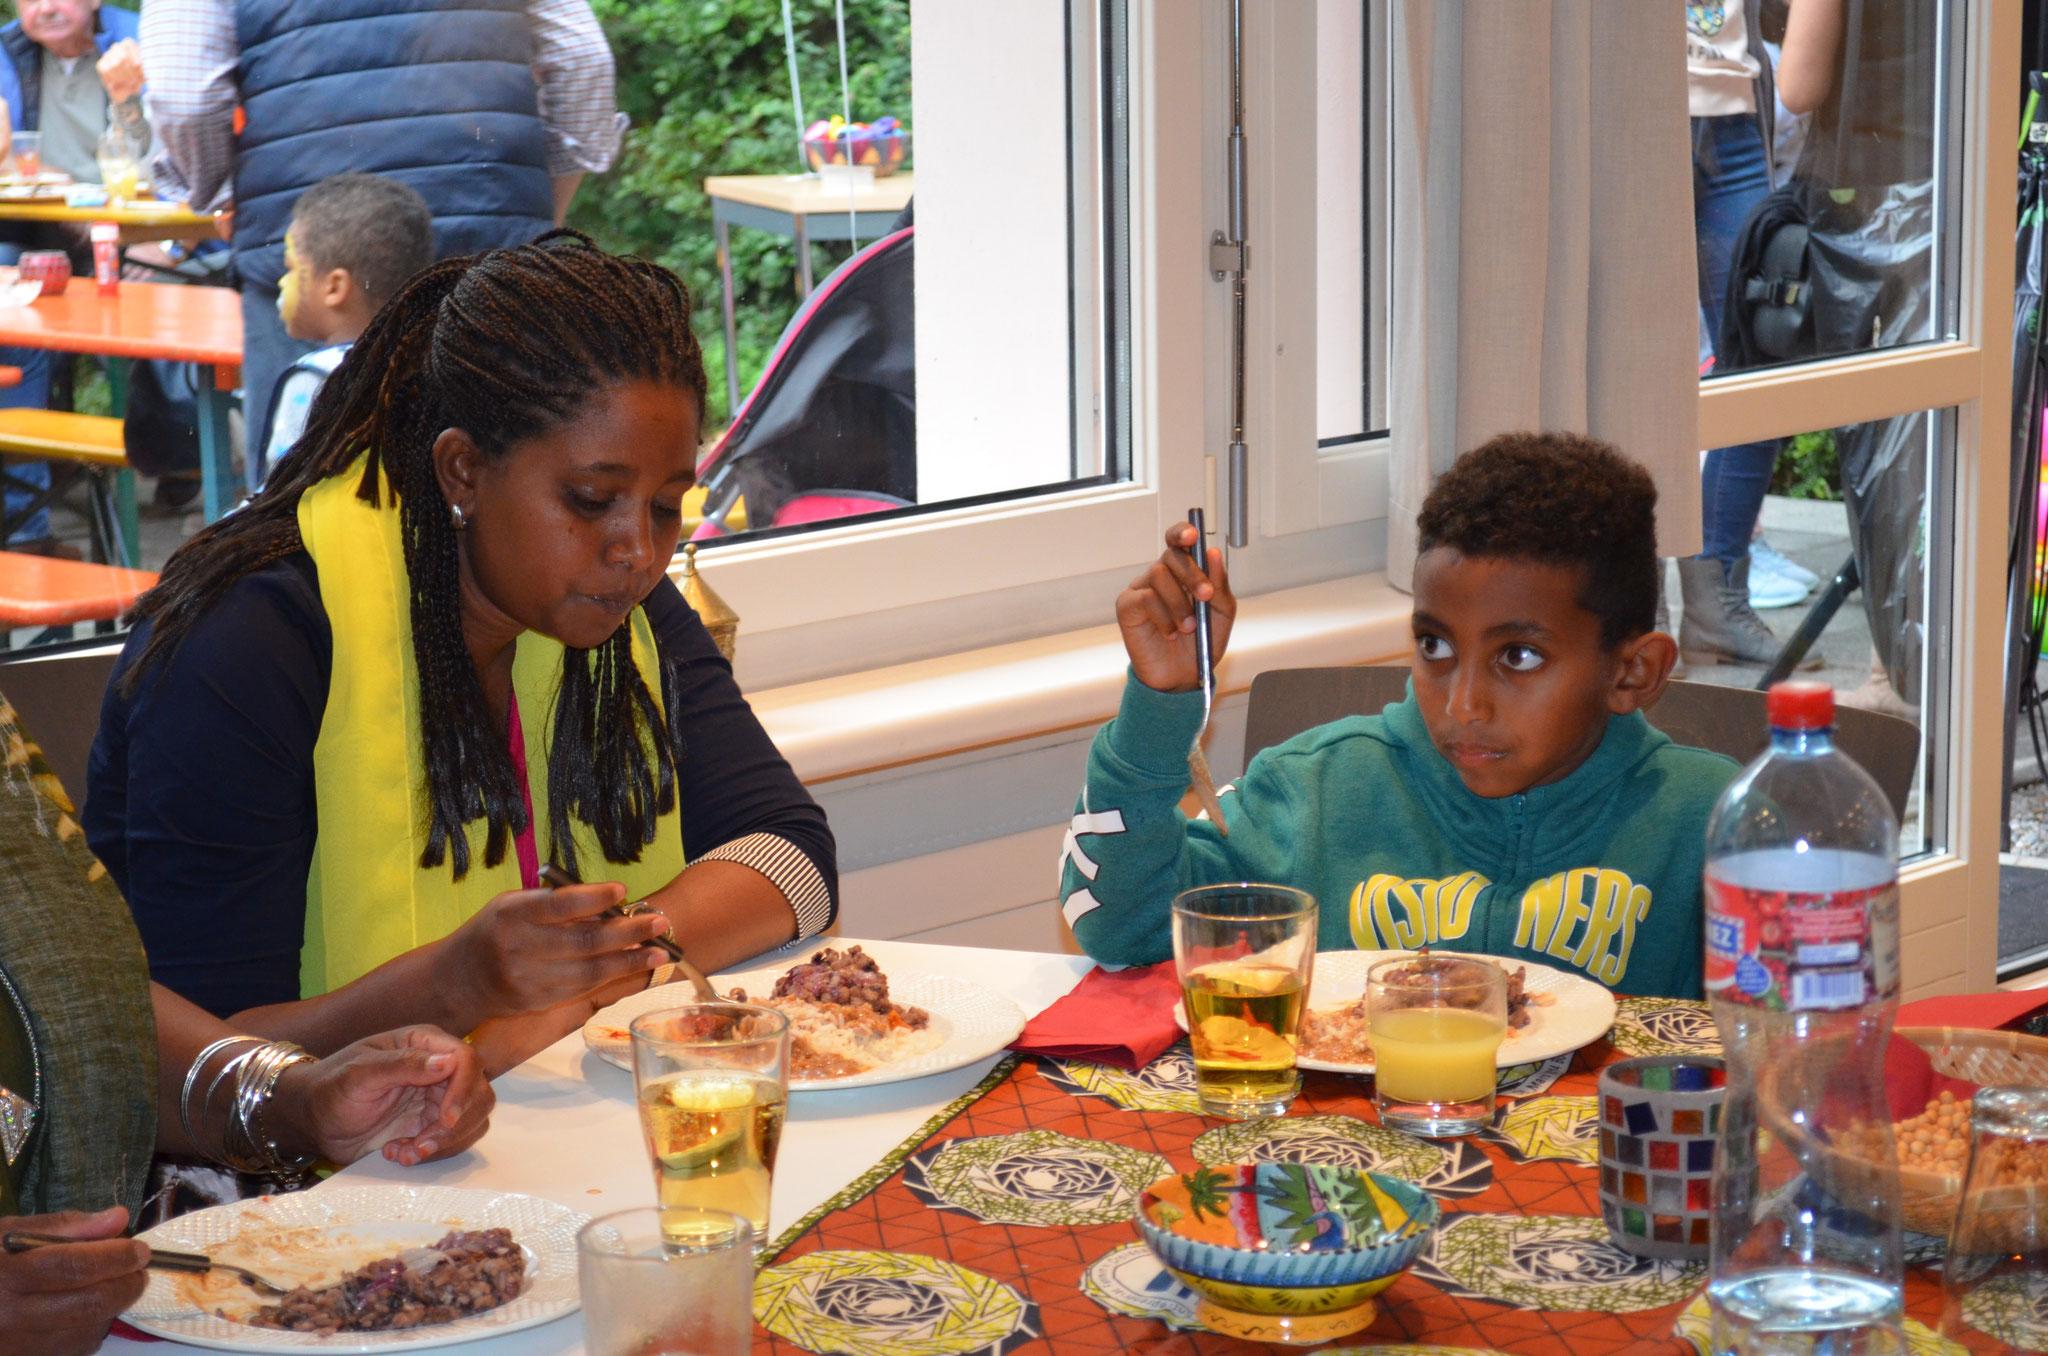 Schön, dass wir auch ein paar afrikanische Gäste besuchen durften.